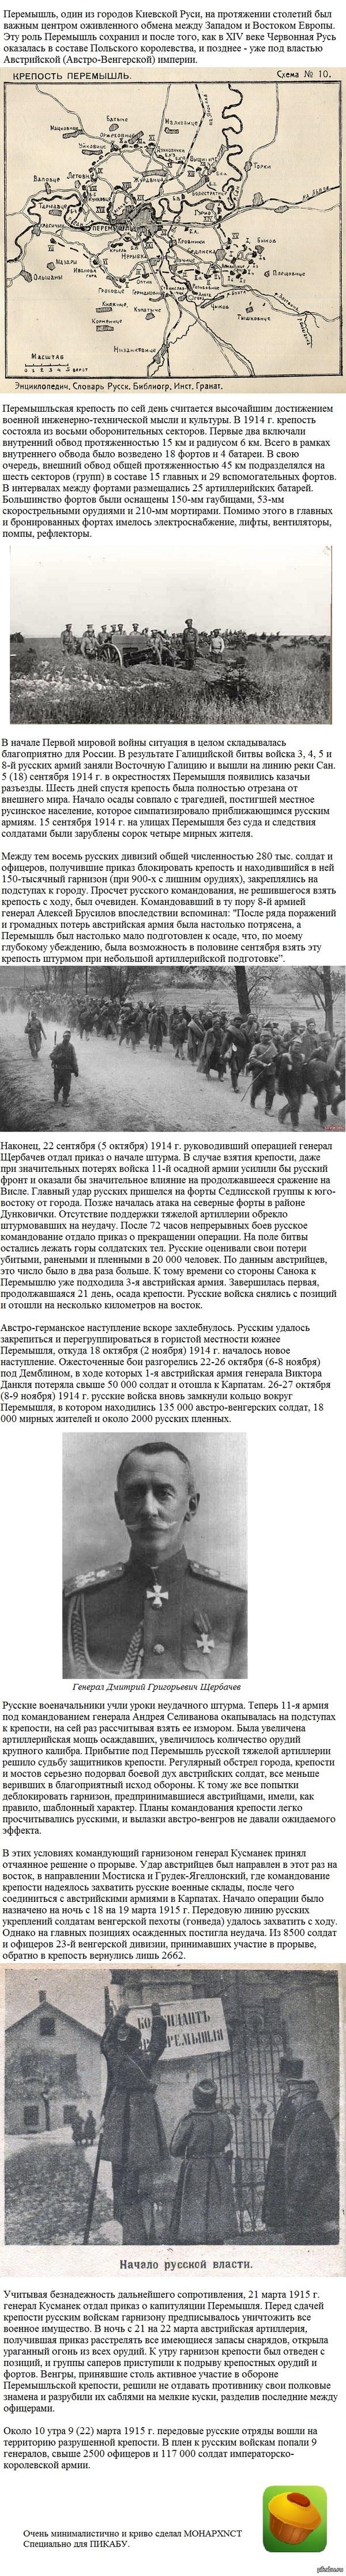 Взятие крепости Перемышль. 1914-1915 г.г. Осада и взятие австрийской крепости Перемышль русскими войсками во время первого периода Великой войны.